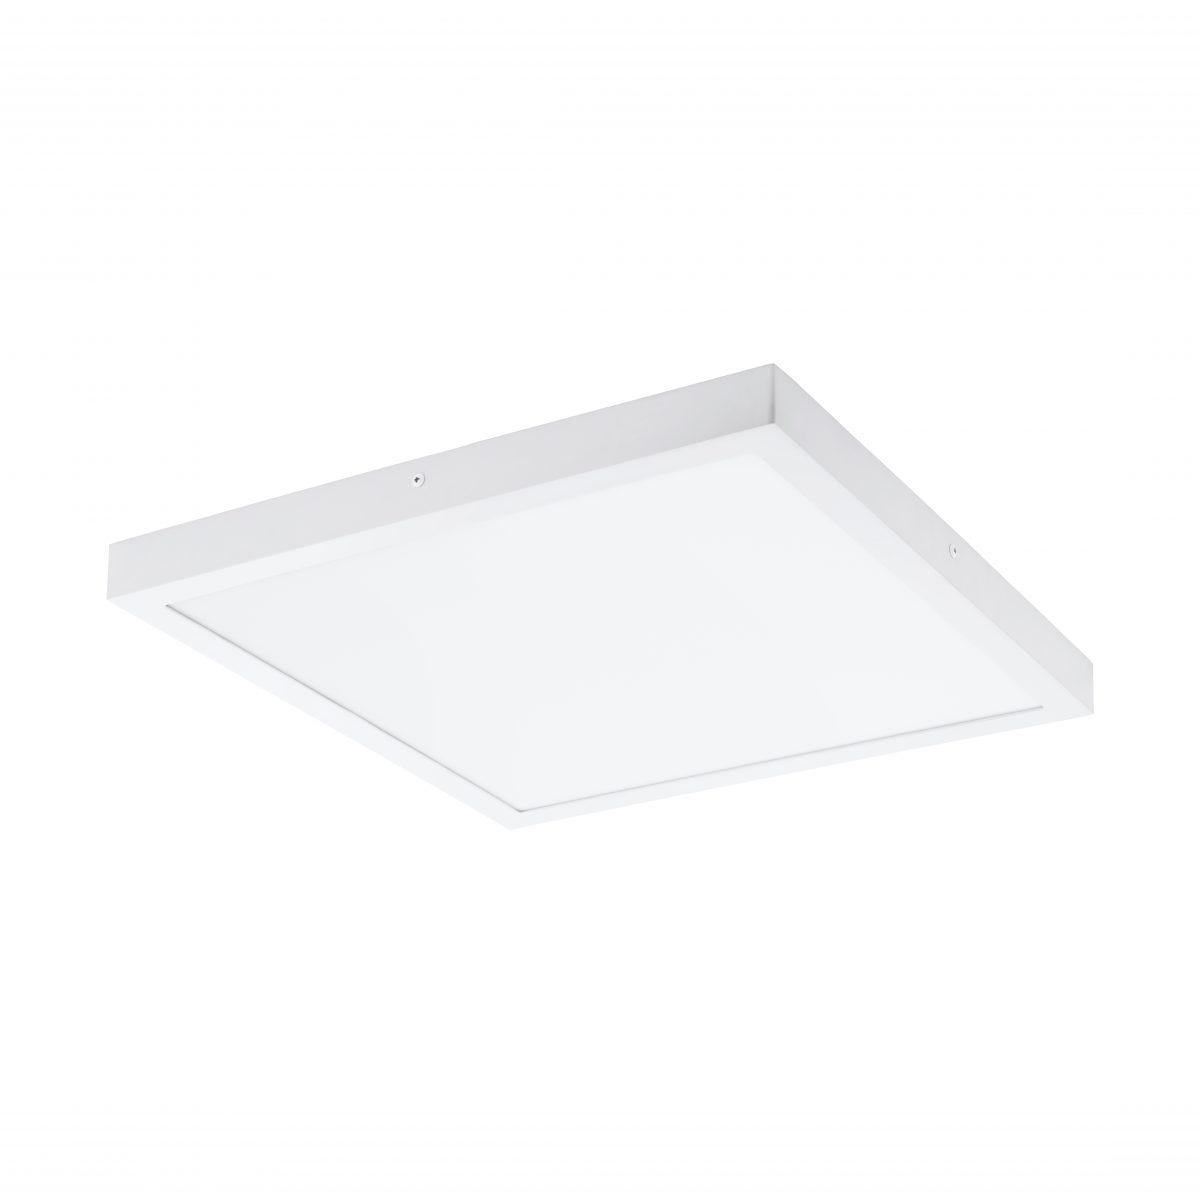 Светильник настенно-потолочный FUEVA 1 EGLO 97277 - Фото №28